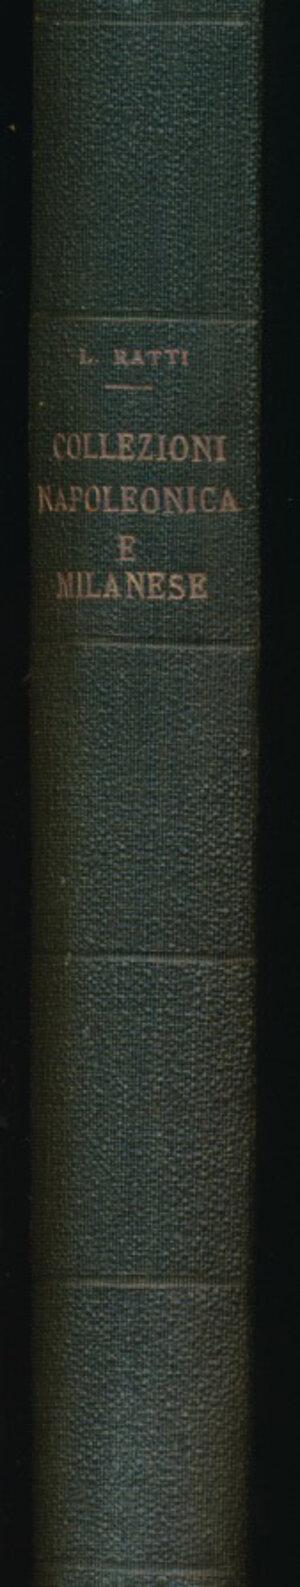 obverse: PESARO L. - Collezioni napoleonica e milanese del dottor LUIGI RATTI. Milano, 20-30 marzo 1916. pagg. 224 tavv. 28. Nn. 4.123 lotti offerti. Libri, stampe, oggetti d'arte, sigilli, monete e medaglie relativi a Napoleone e la sua epoca. Rilegatura in tela. Ottime condizioni. Cm 18x24. Ex Libris Cesare Johnson (J185). Autografato due volte da Stefano Johnson e con appunti a matita nel testo. Catalogo affascinante con una bella e solida rilegatura. RARO e RICERCATO.